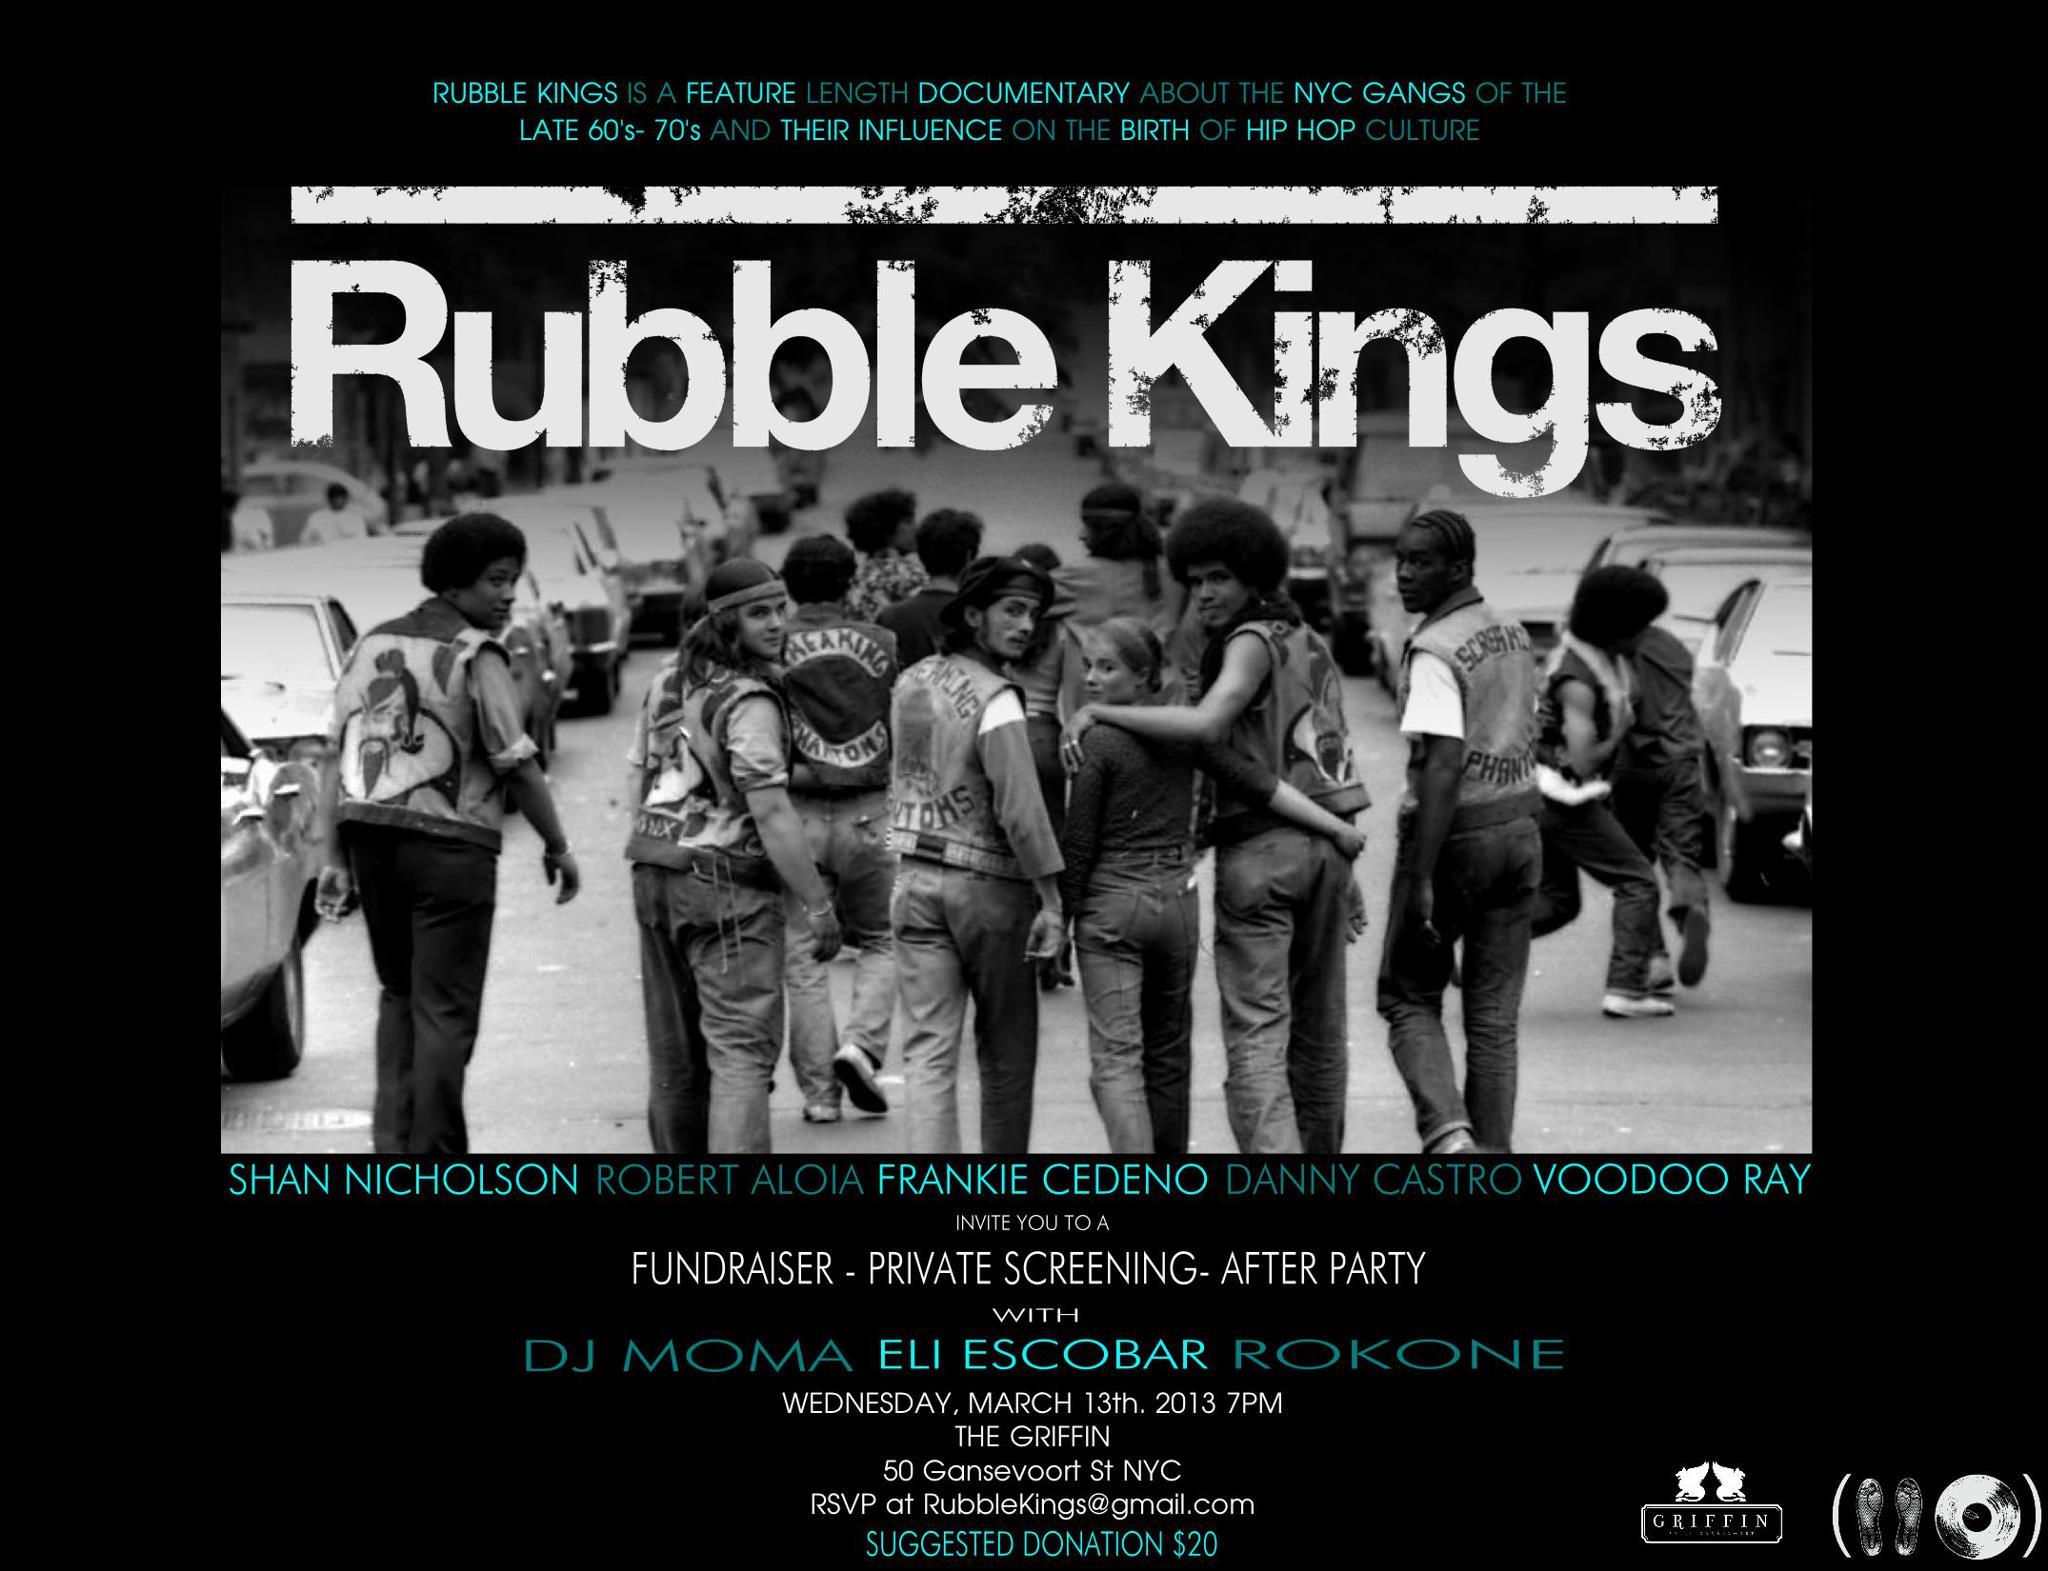 Courtesy of Rubble kings.